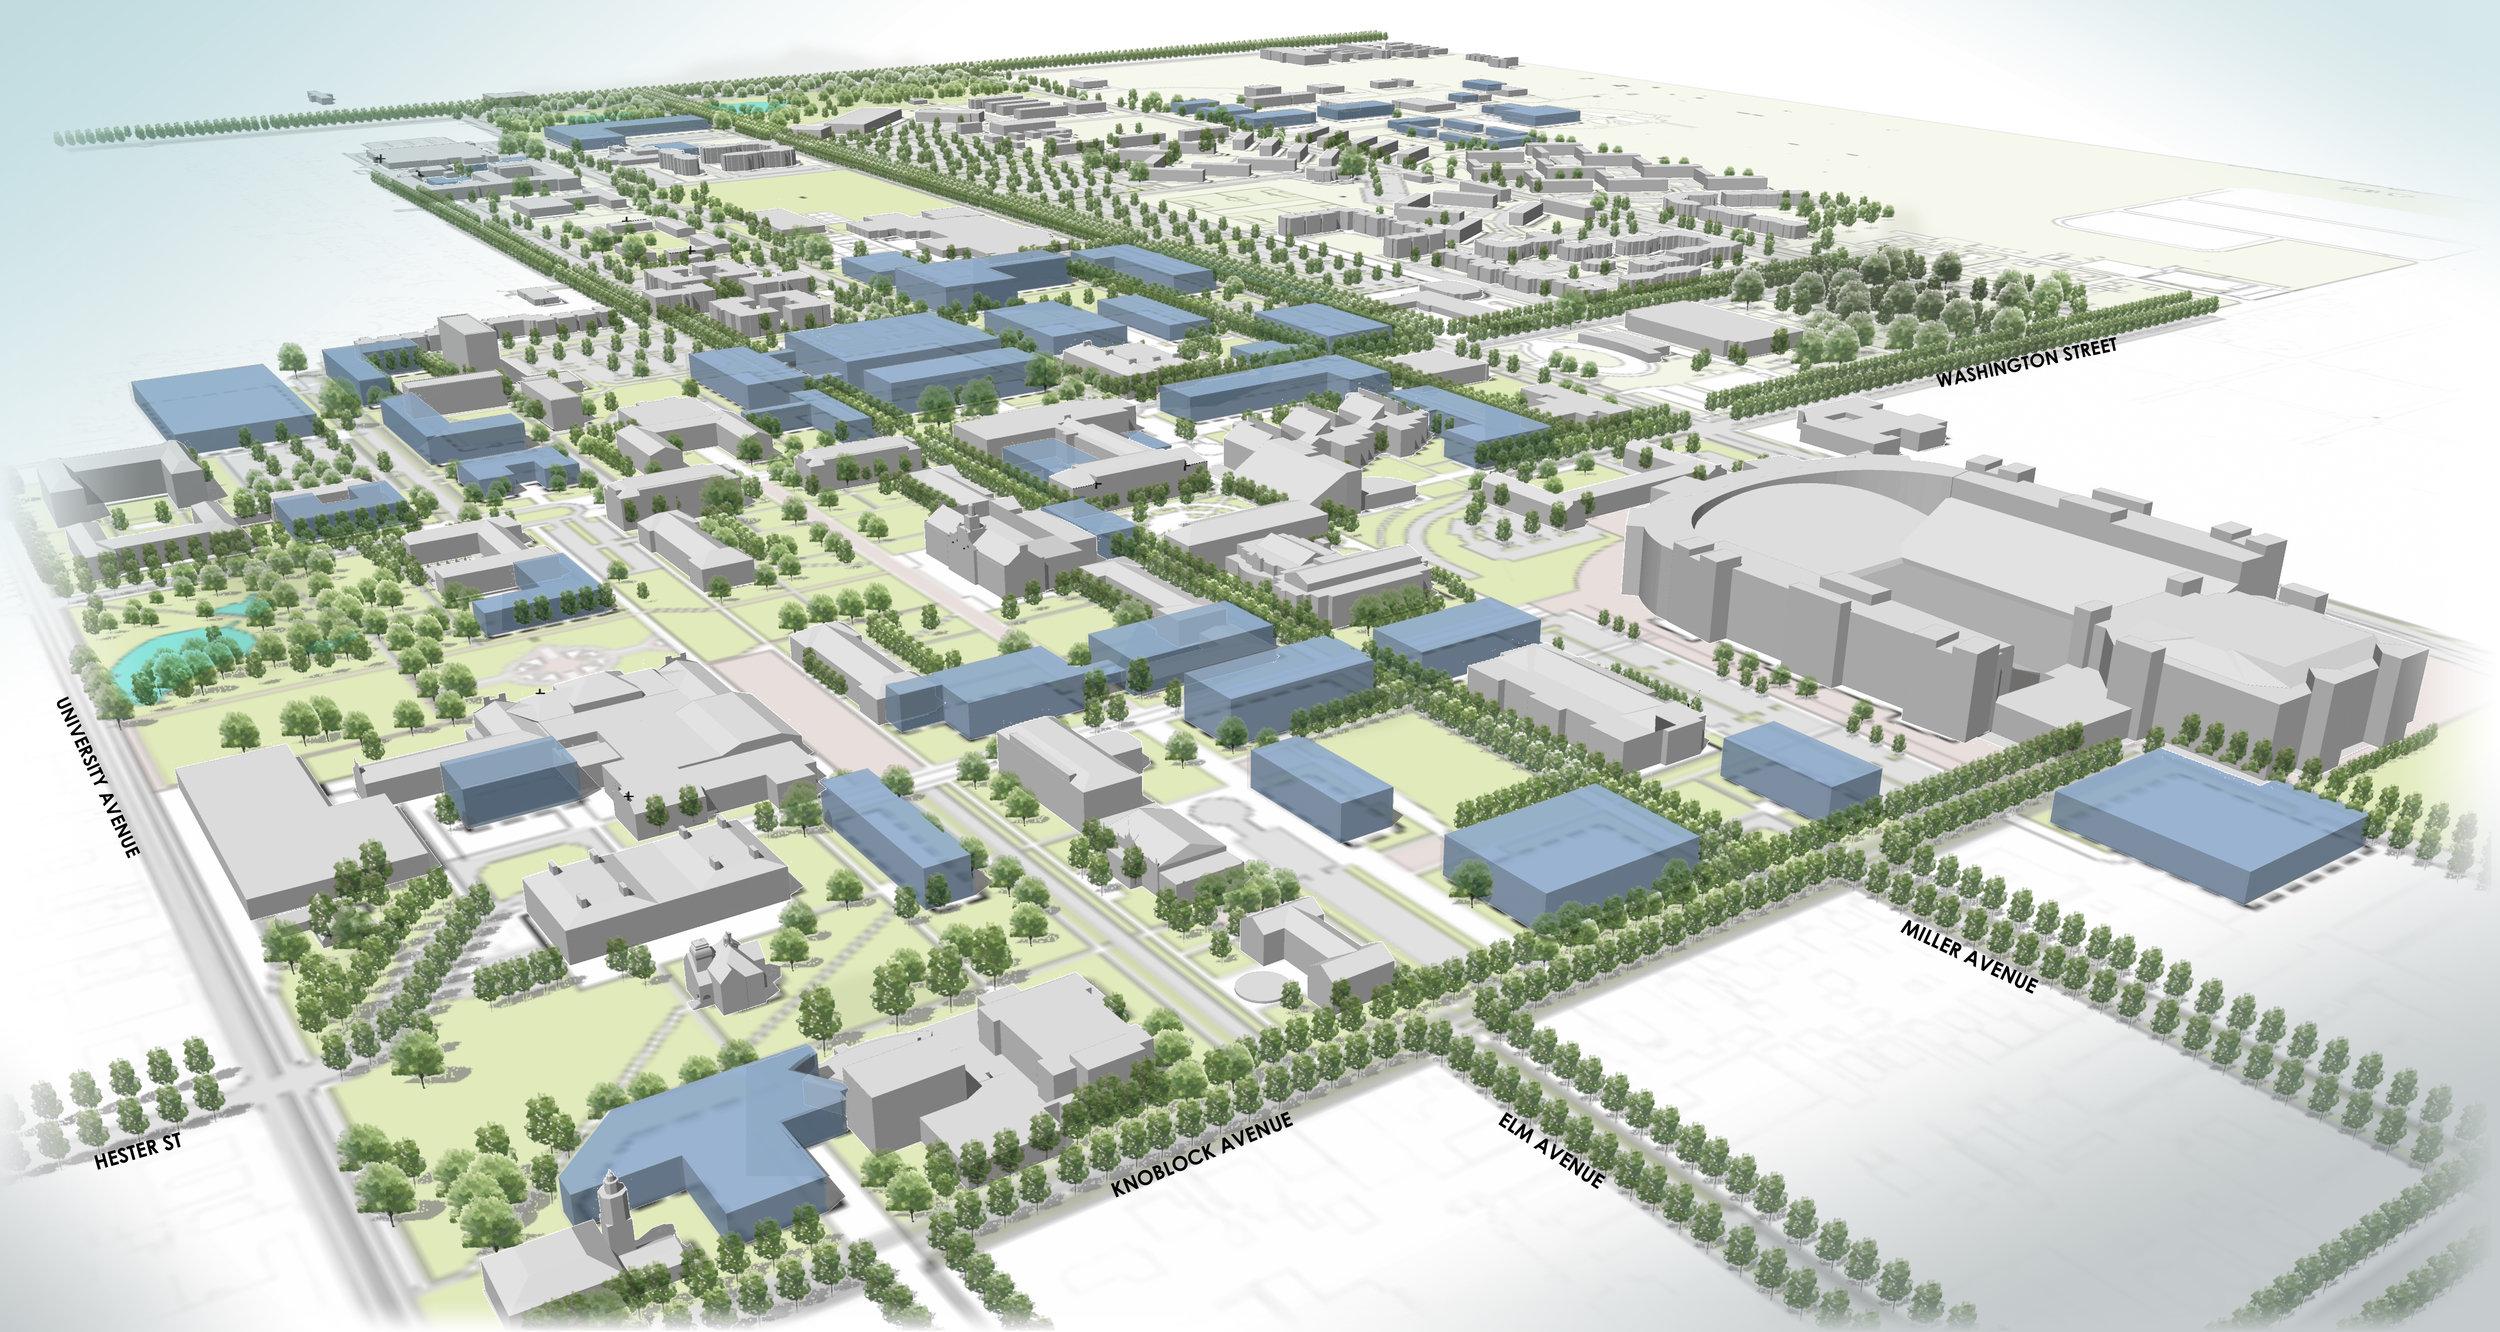 <f>Services</f><f>Planning</f></f><f>Markets</f><f>Education+Health</f><t>Oklahoma State University</t><m>Stillwater, OK</m>